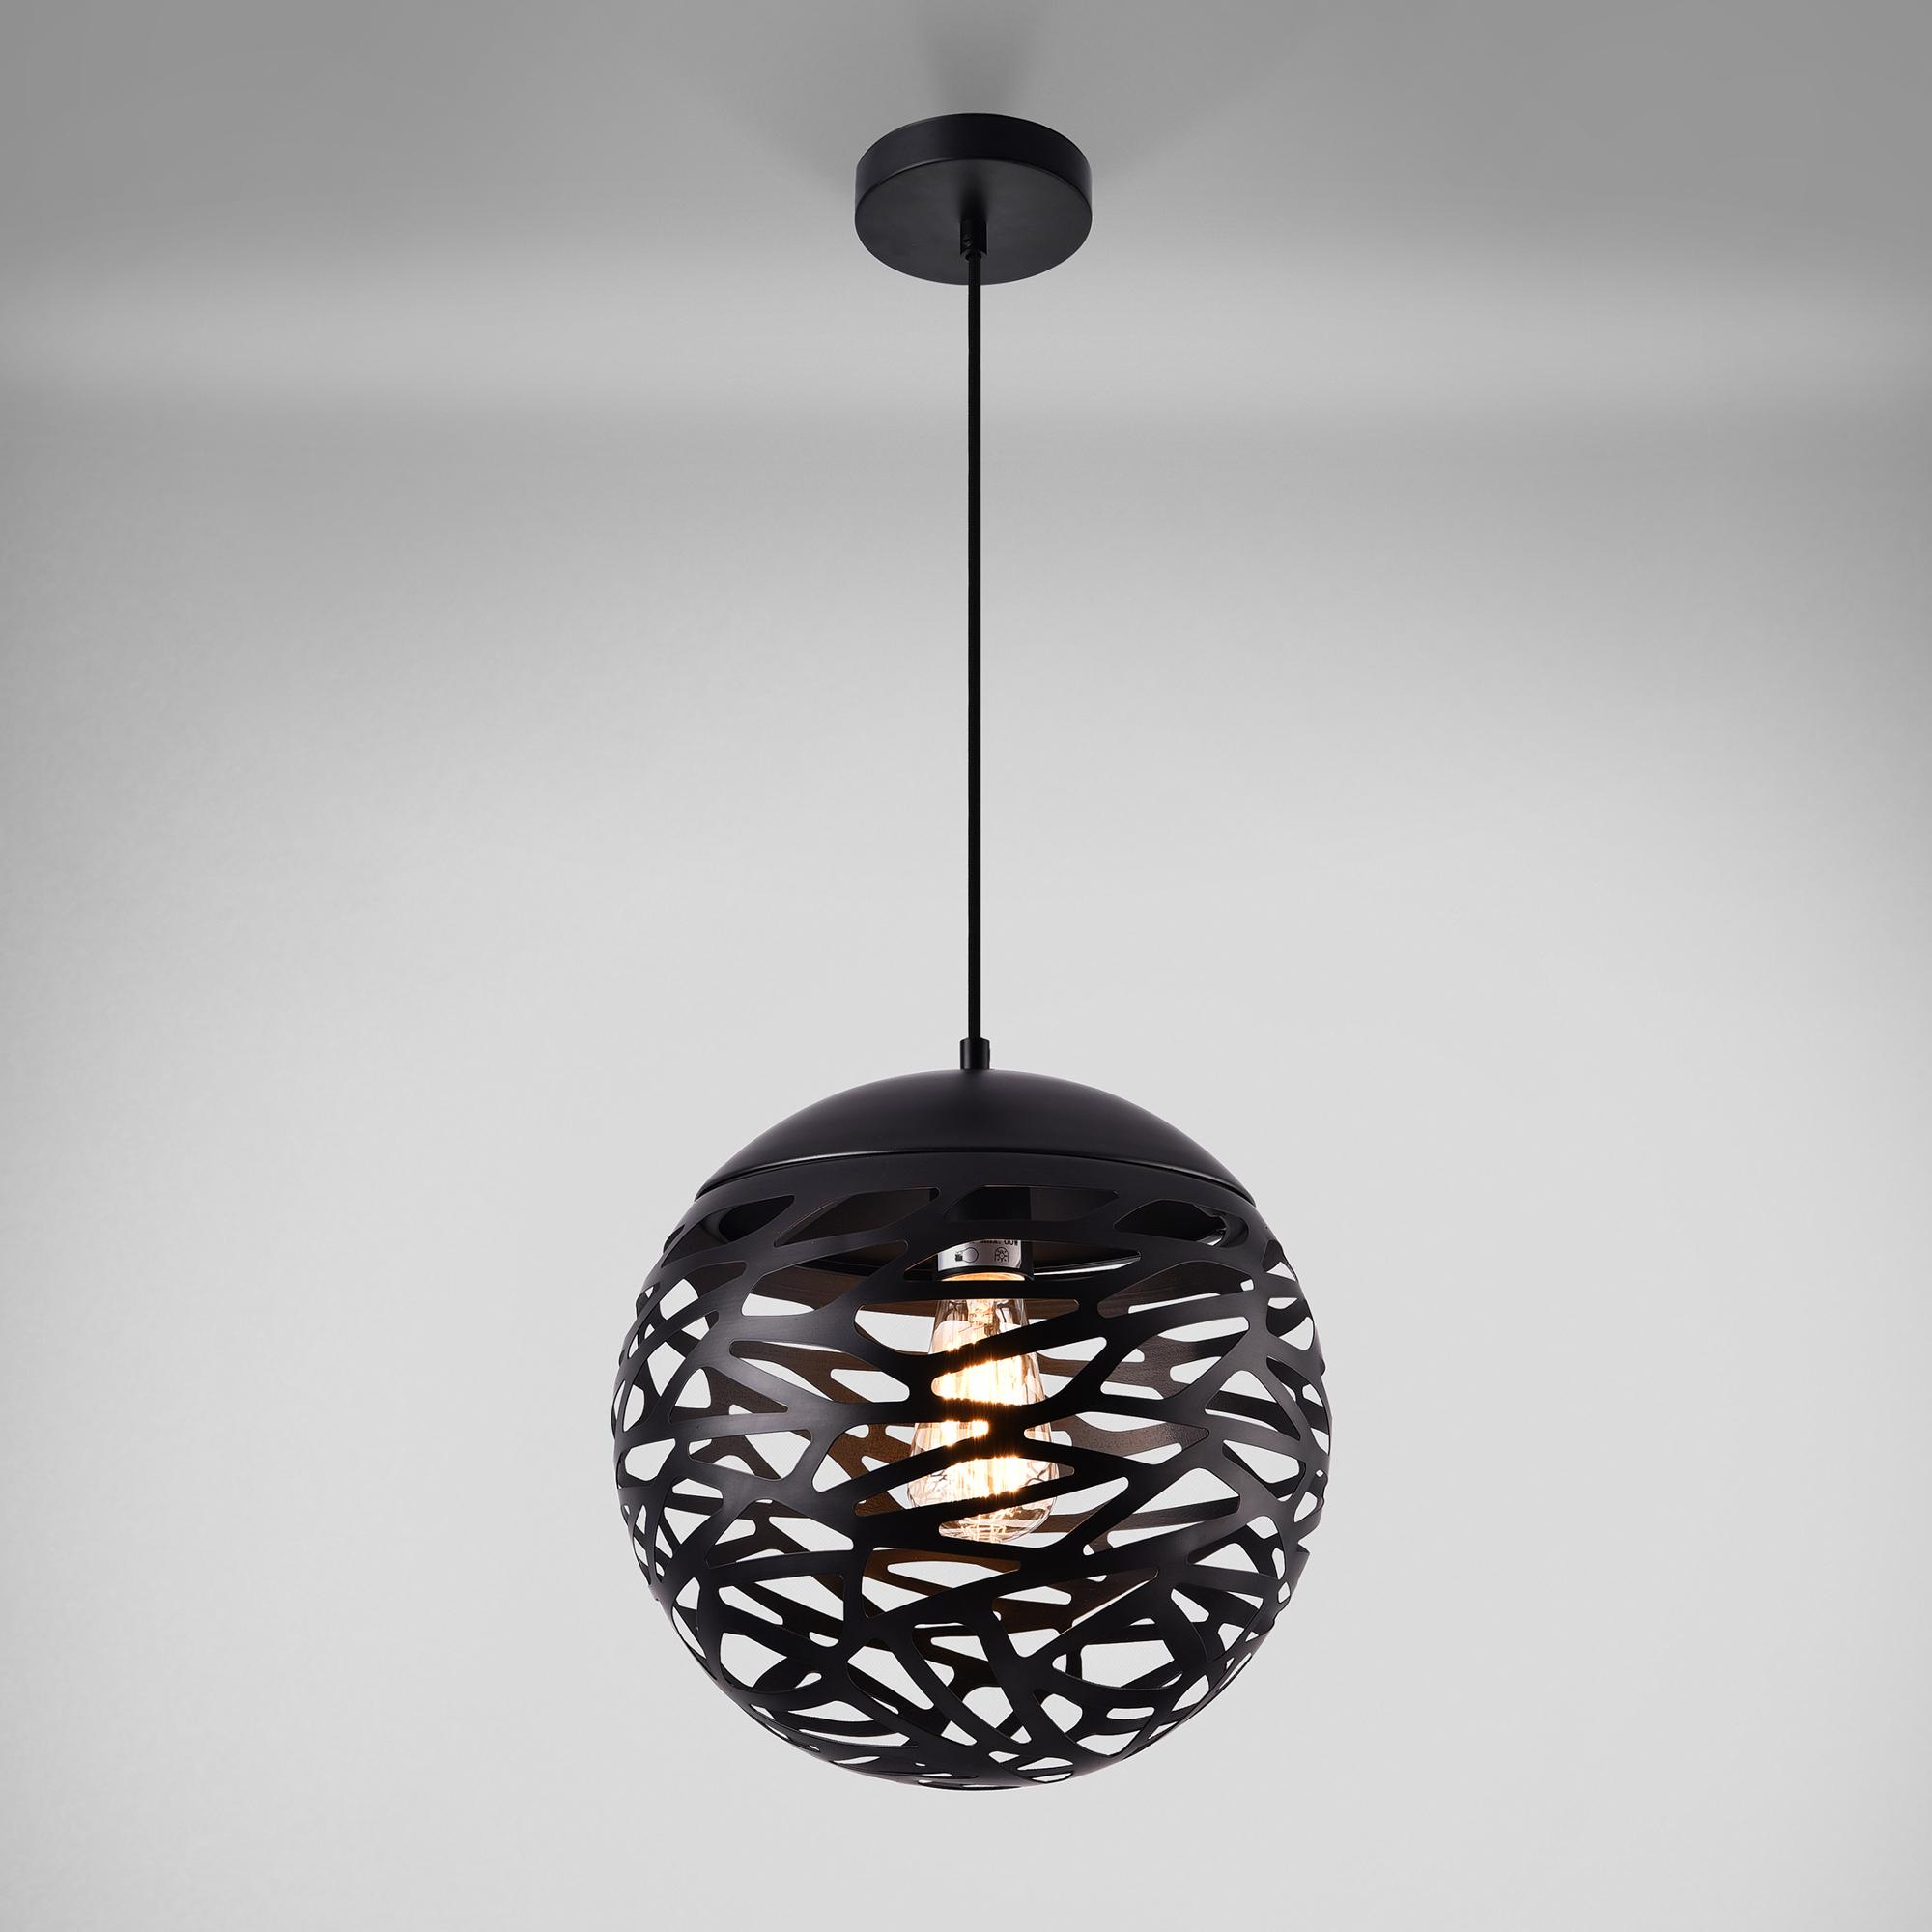 h ngeleuchte metall schwarz deckenleuchte leuchte pendelleuchte rund ebay. Black Bedroom Furniture Sets. Home Design Ideas